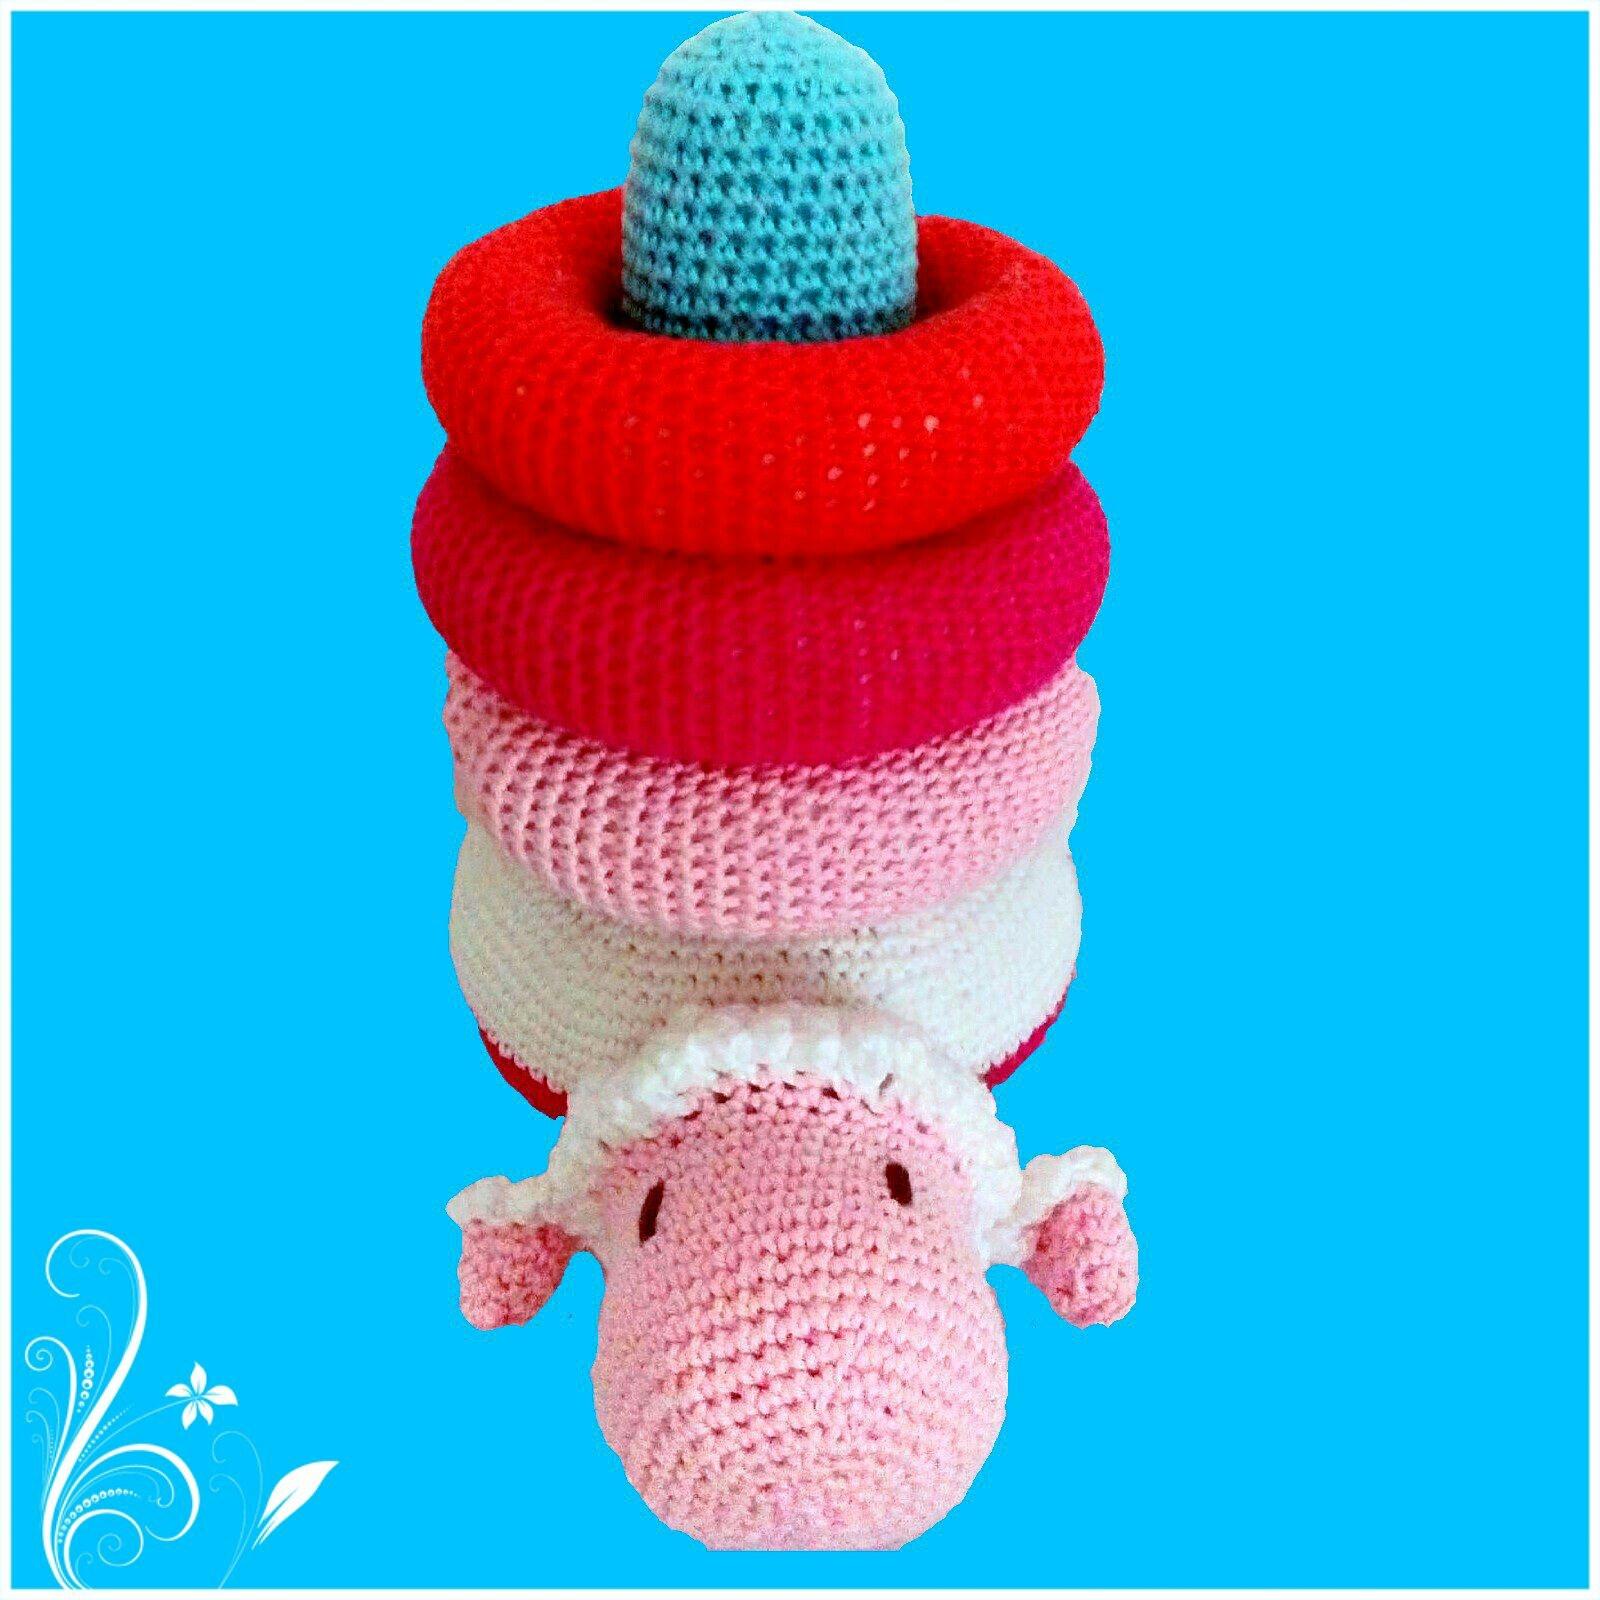 Excelente Los Patrones De Crochet Juguetes Elaboración - Manta de ...